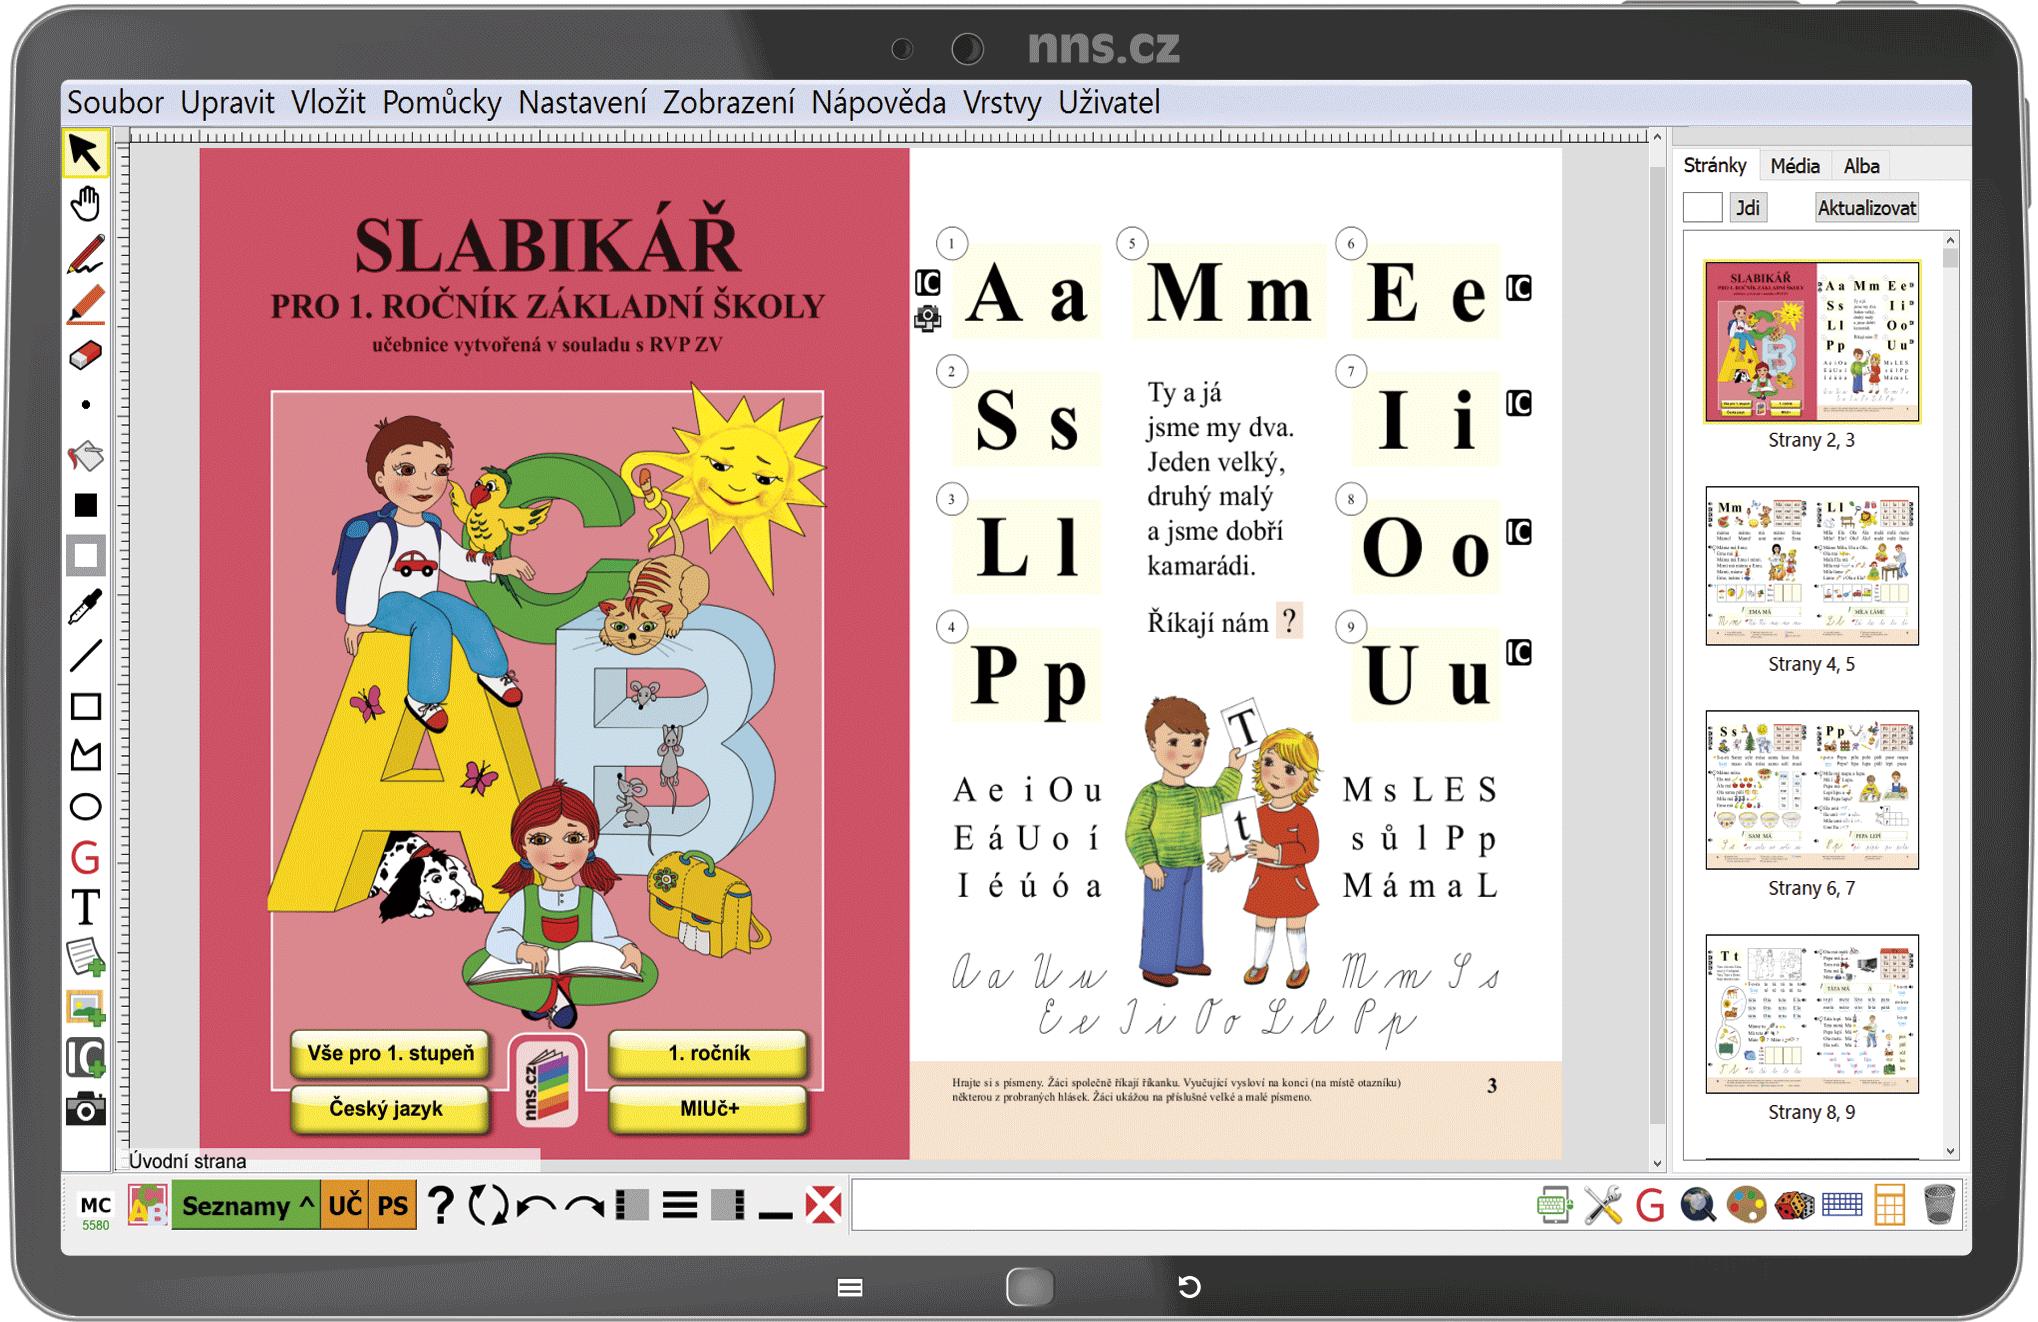 MIUč+ Živá abeceda, Slabikář, Písanka 1-4 (sada) - žák. licence na 1 šk. rok